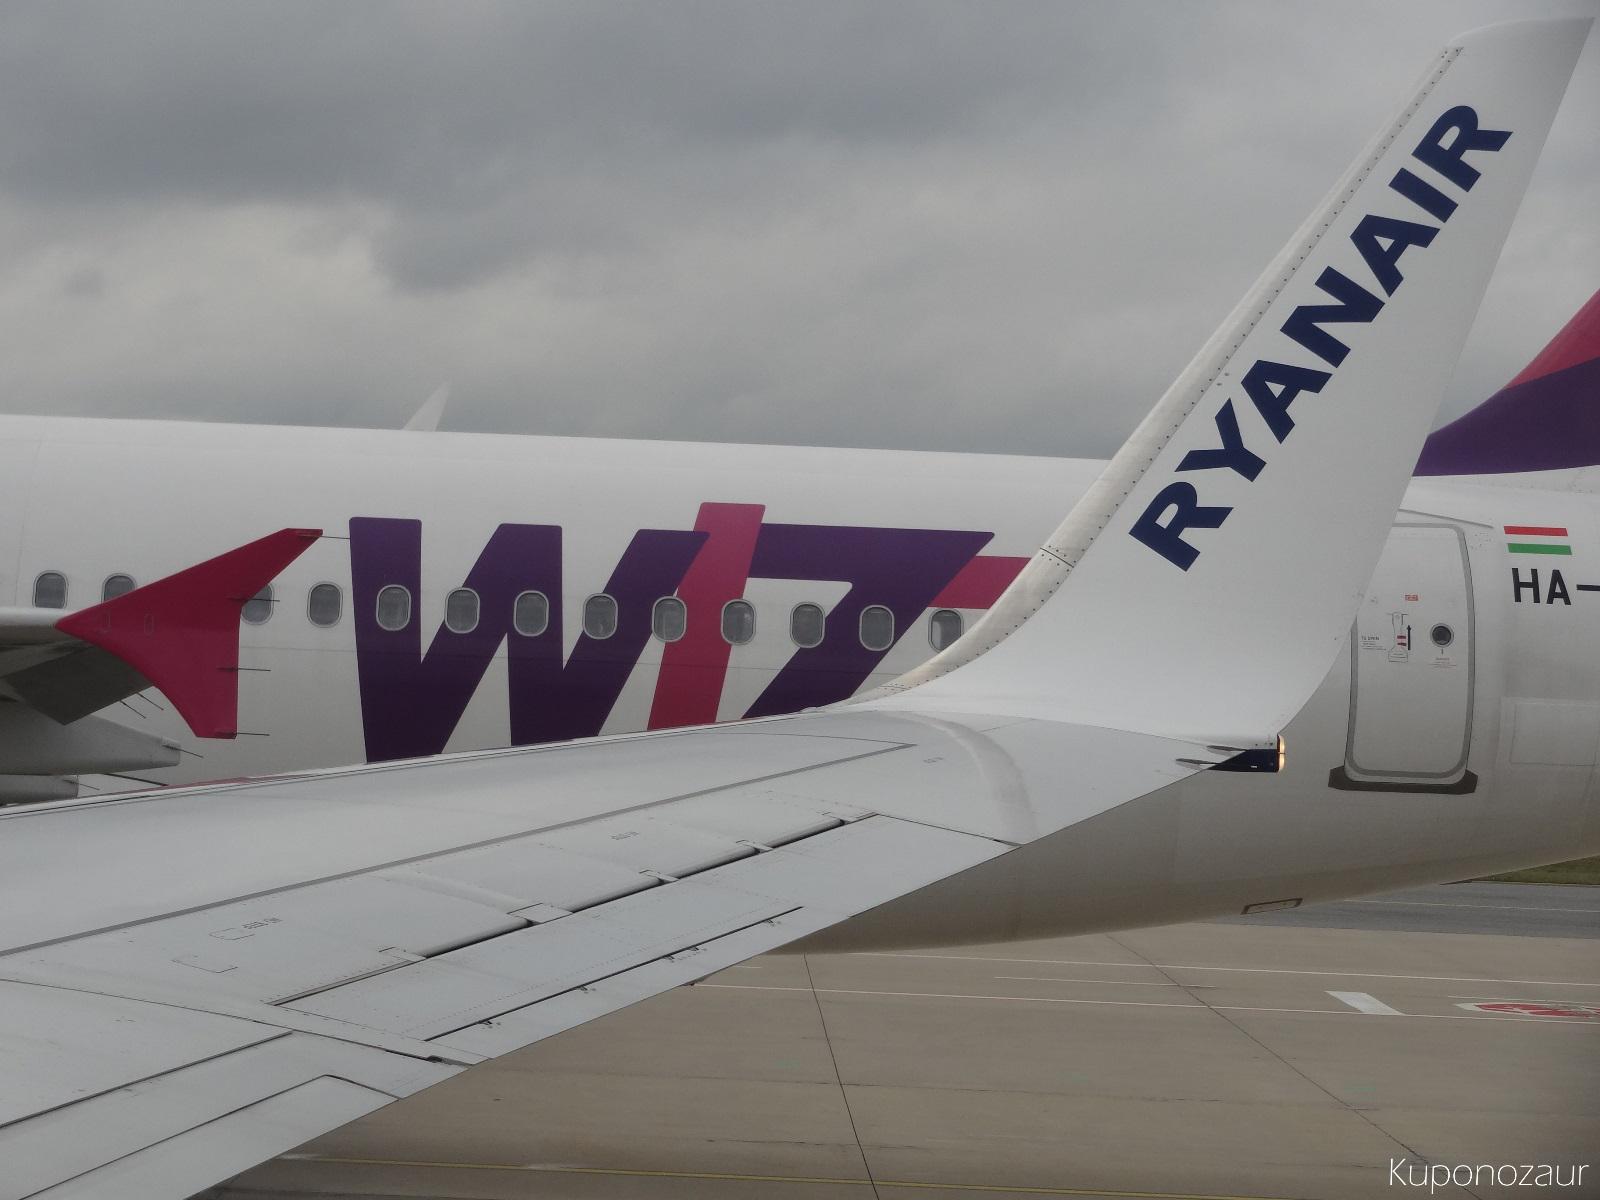 Konkurencja samoloty Wizzair i Ryanair